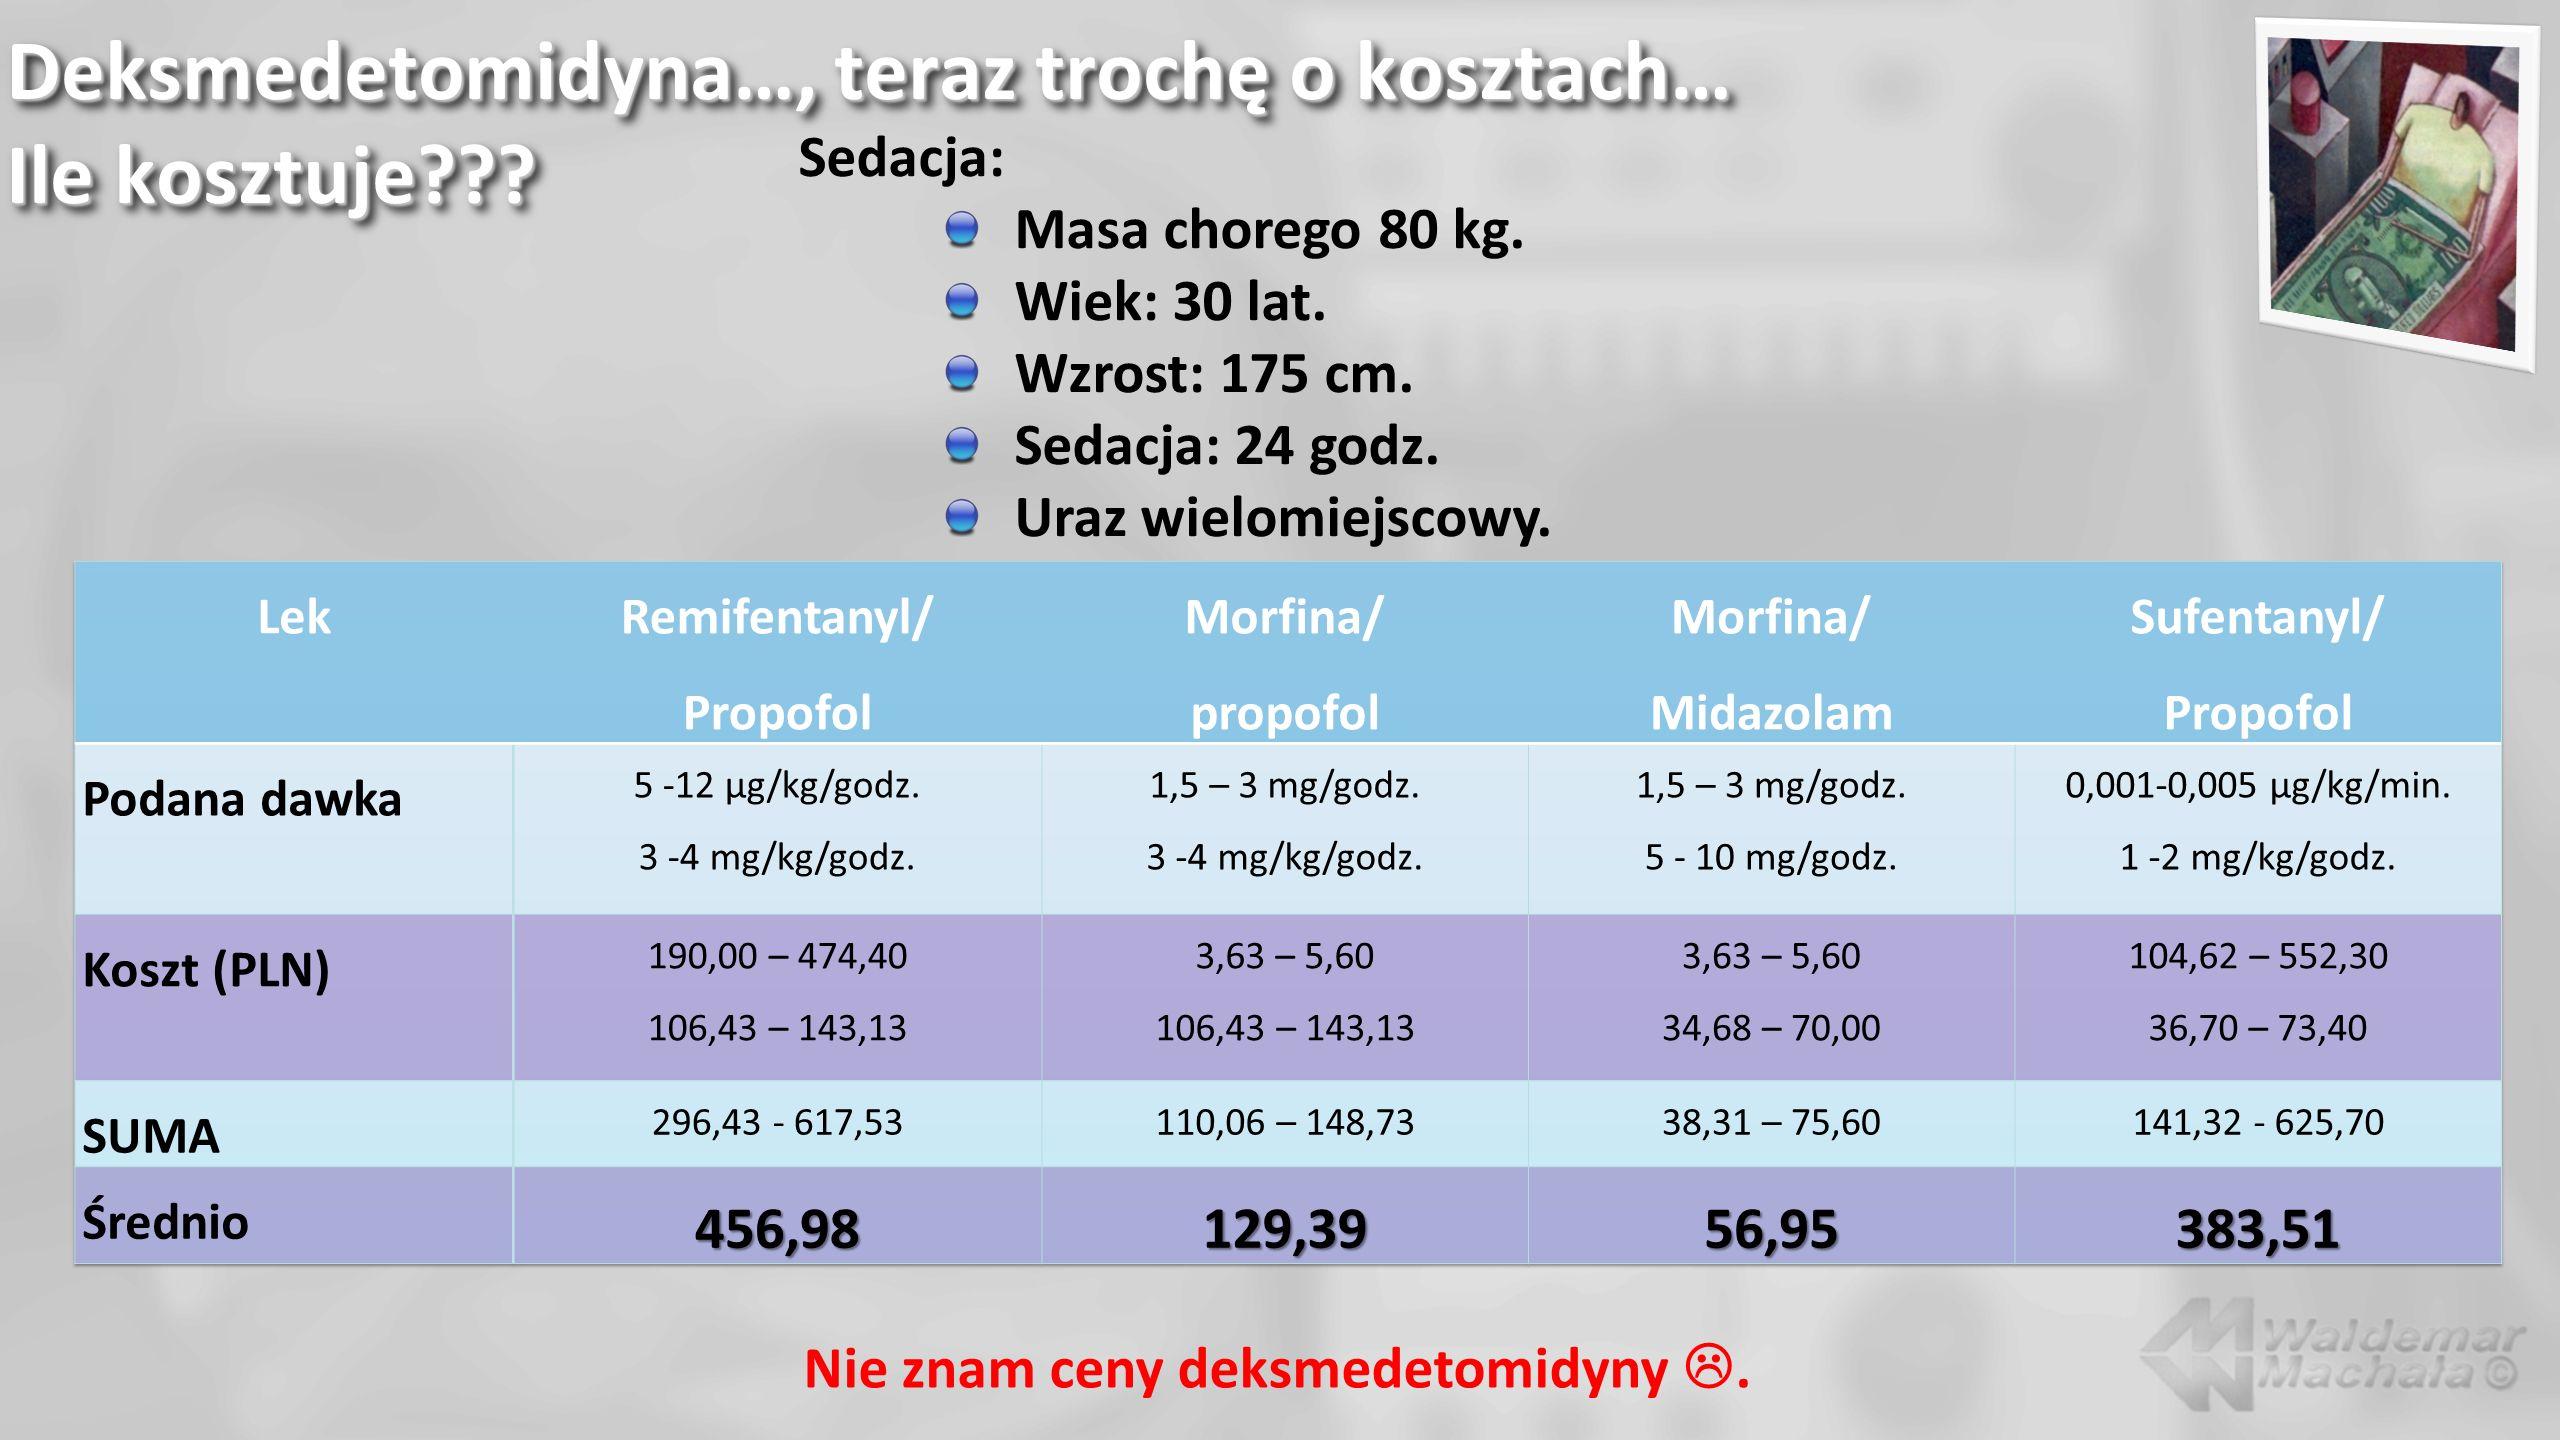 Deksmedetomidyna…, teraz trochę o kosztach… Ile kosztuje